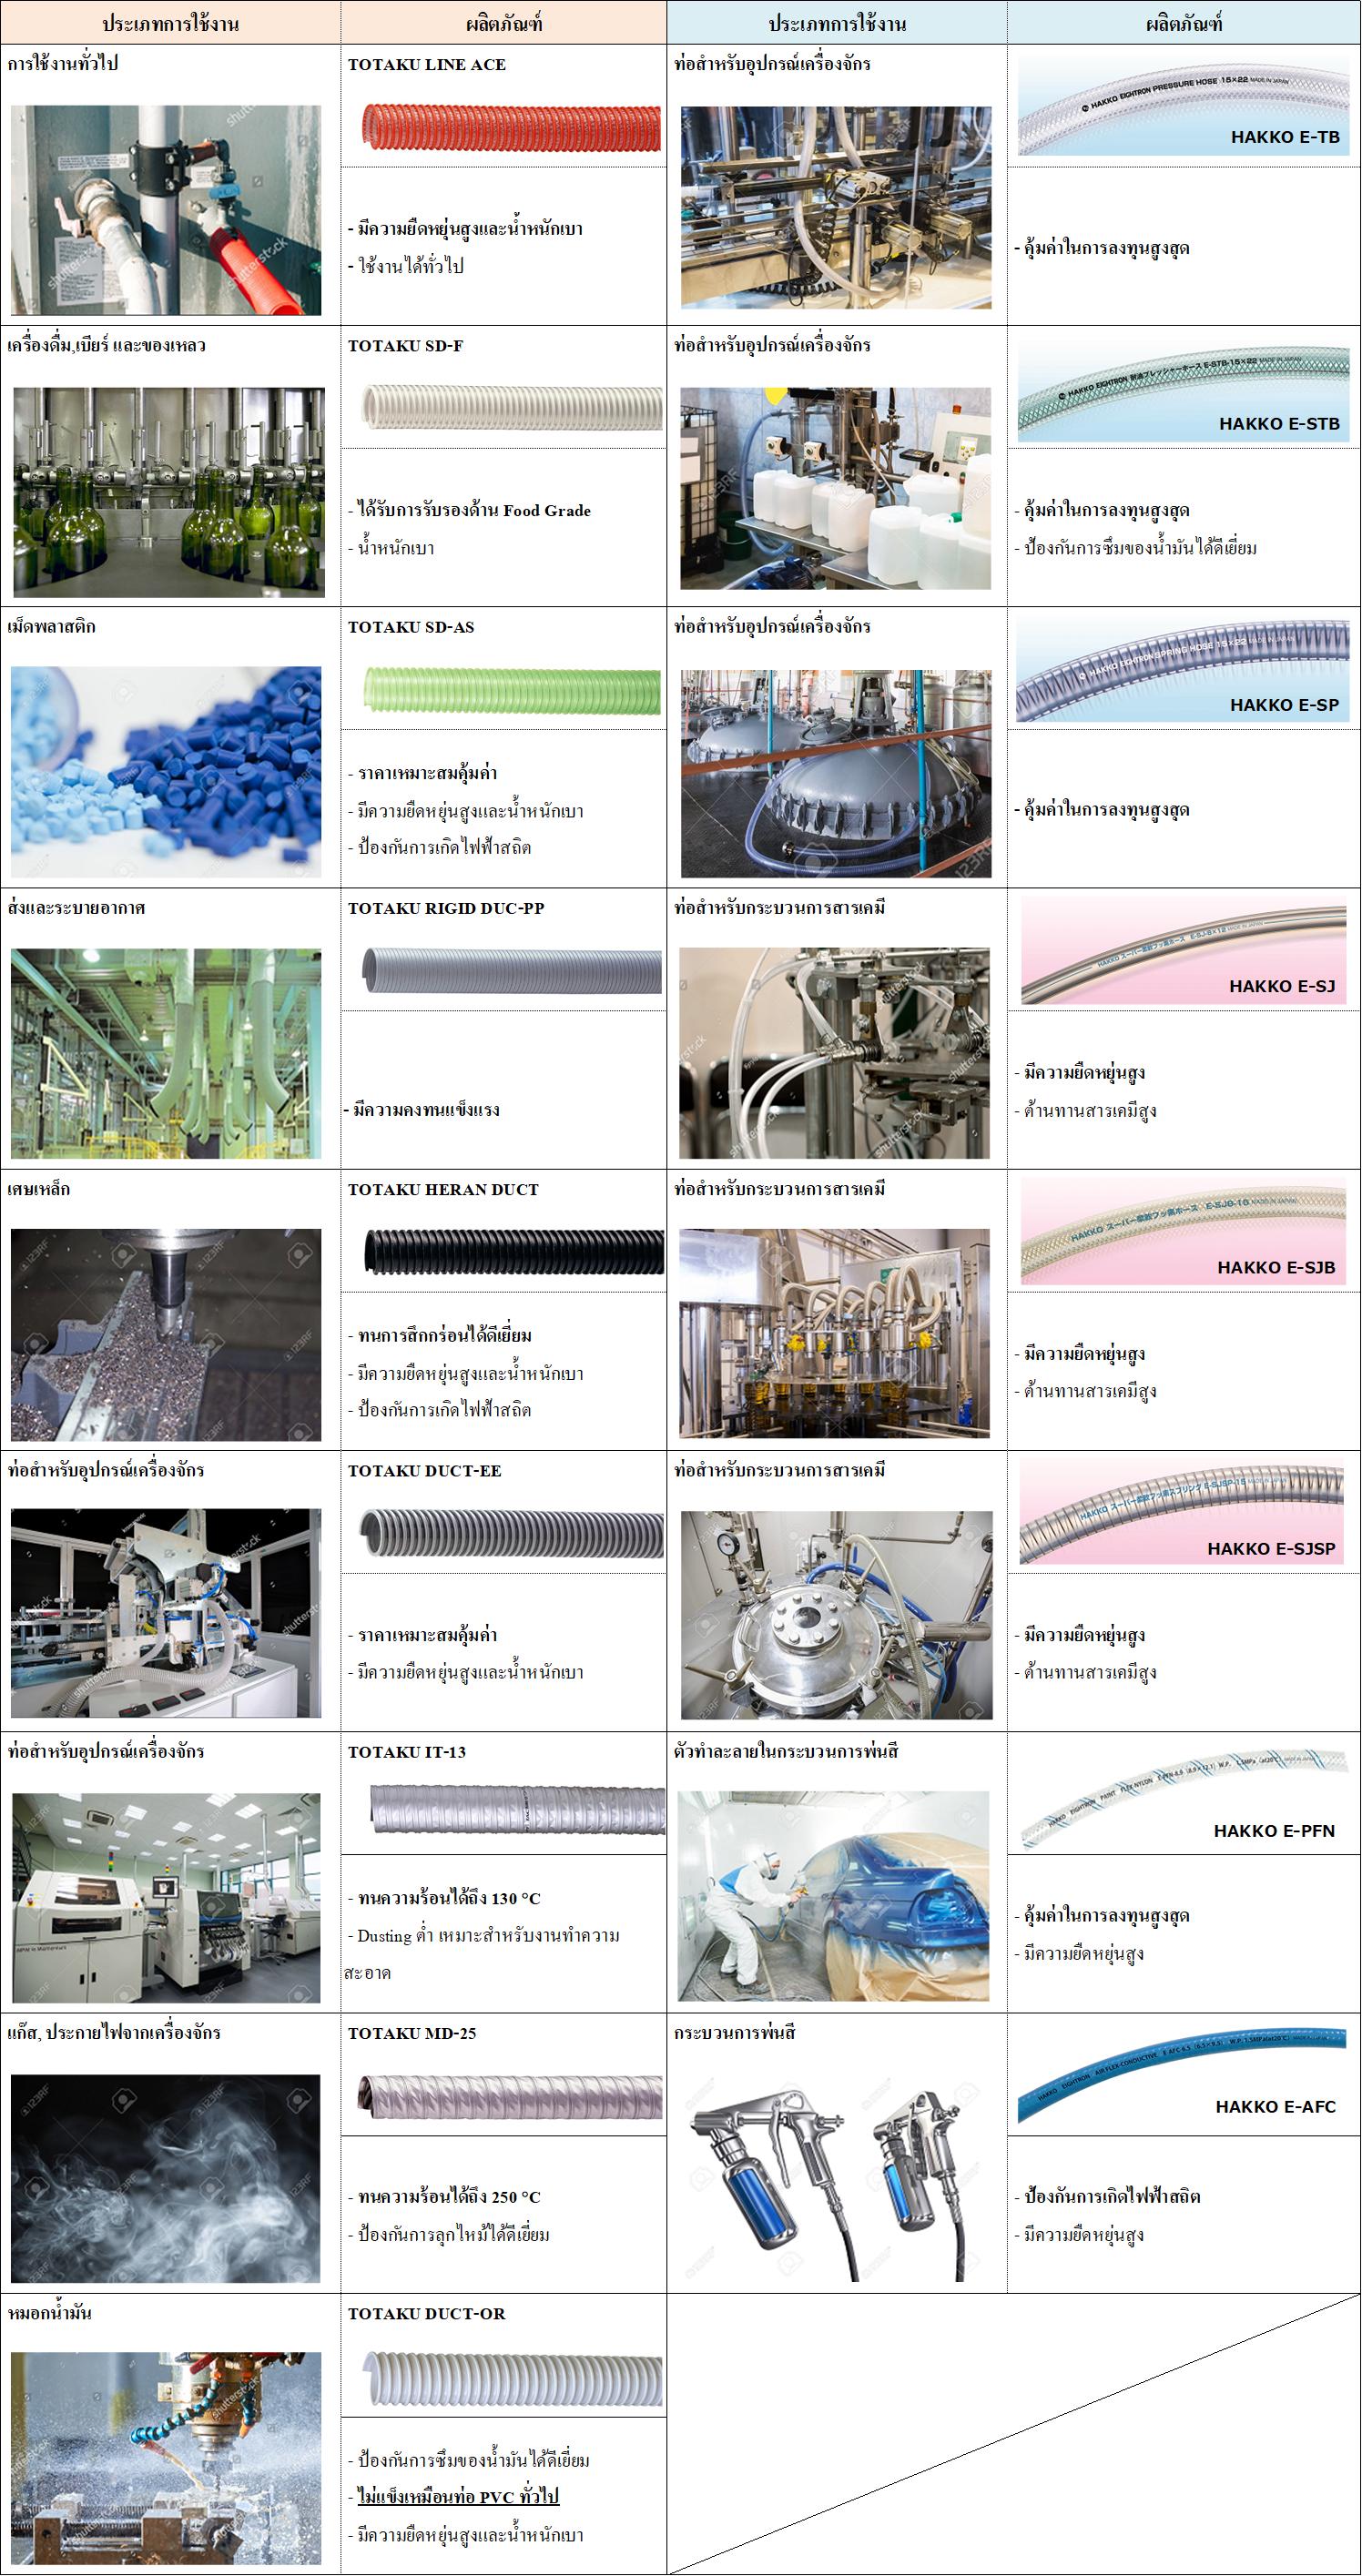 ประเภทการใช้งาน ท่อยาง ท่ออุตสาหกรรม Totaku